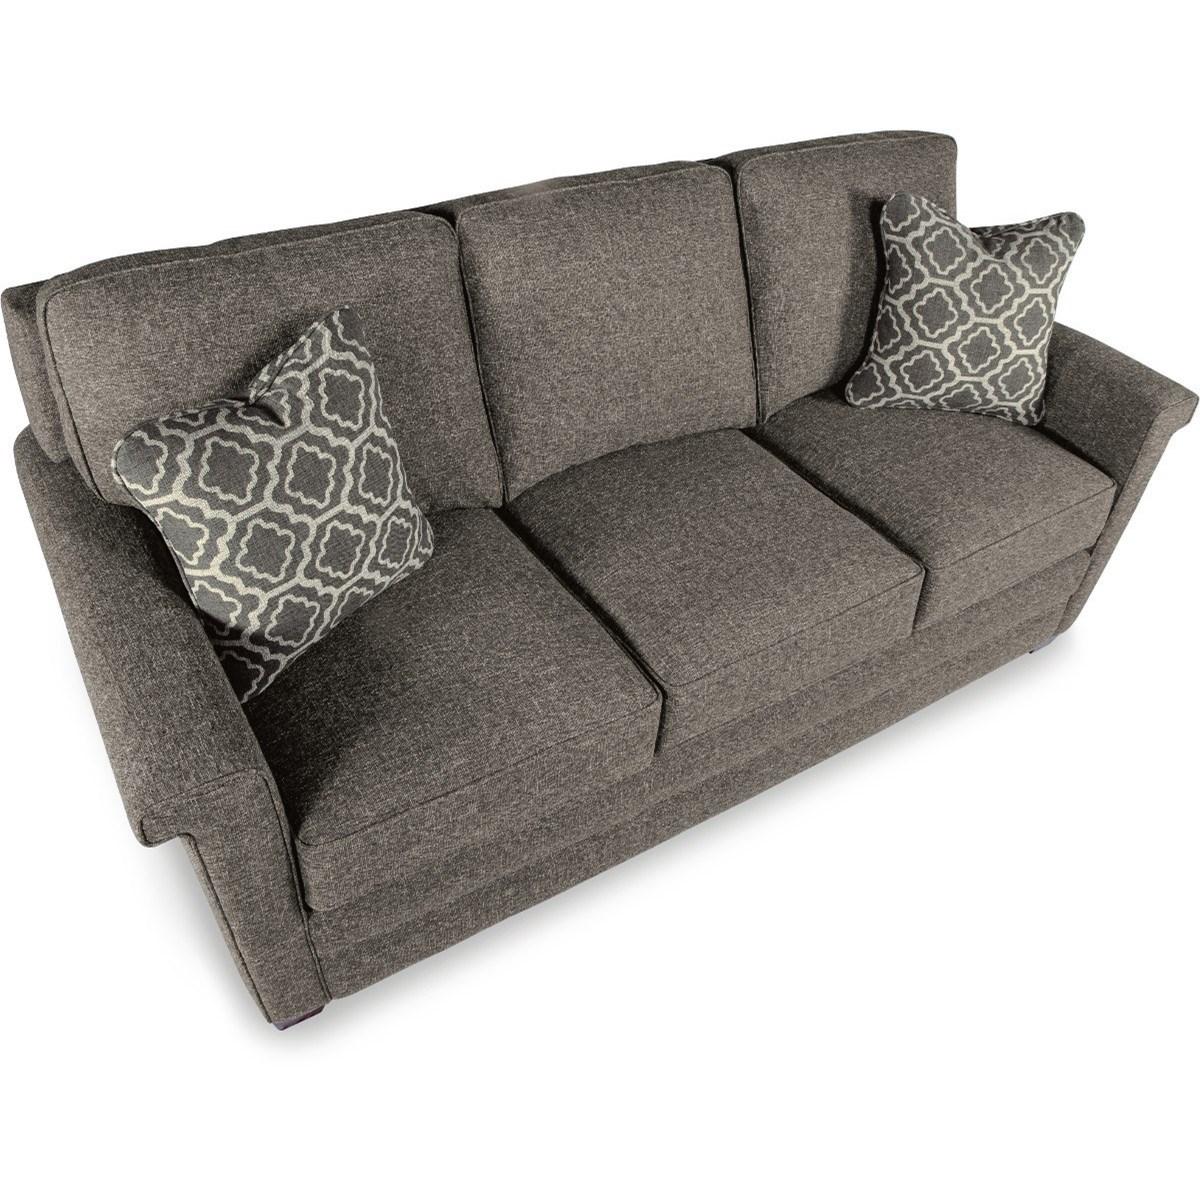 comfortable queen sleeper sofa score calculator excel la z boy bexley contemporary conlin 39s